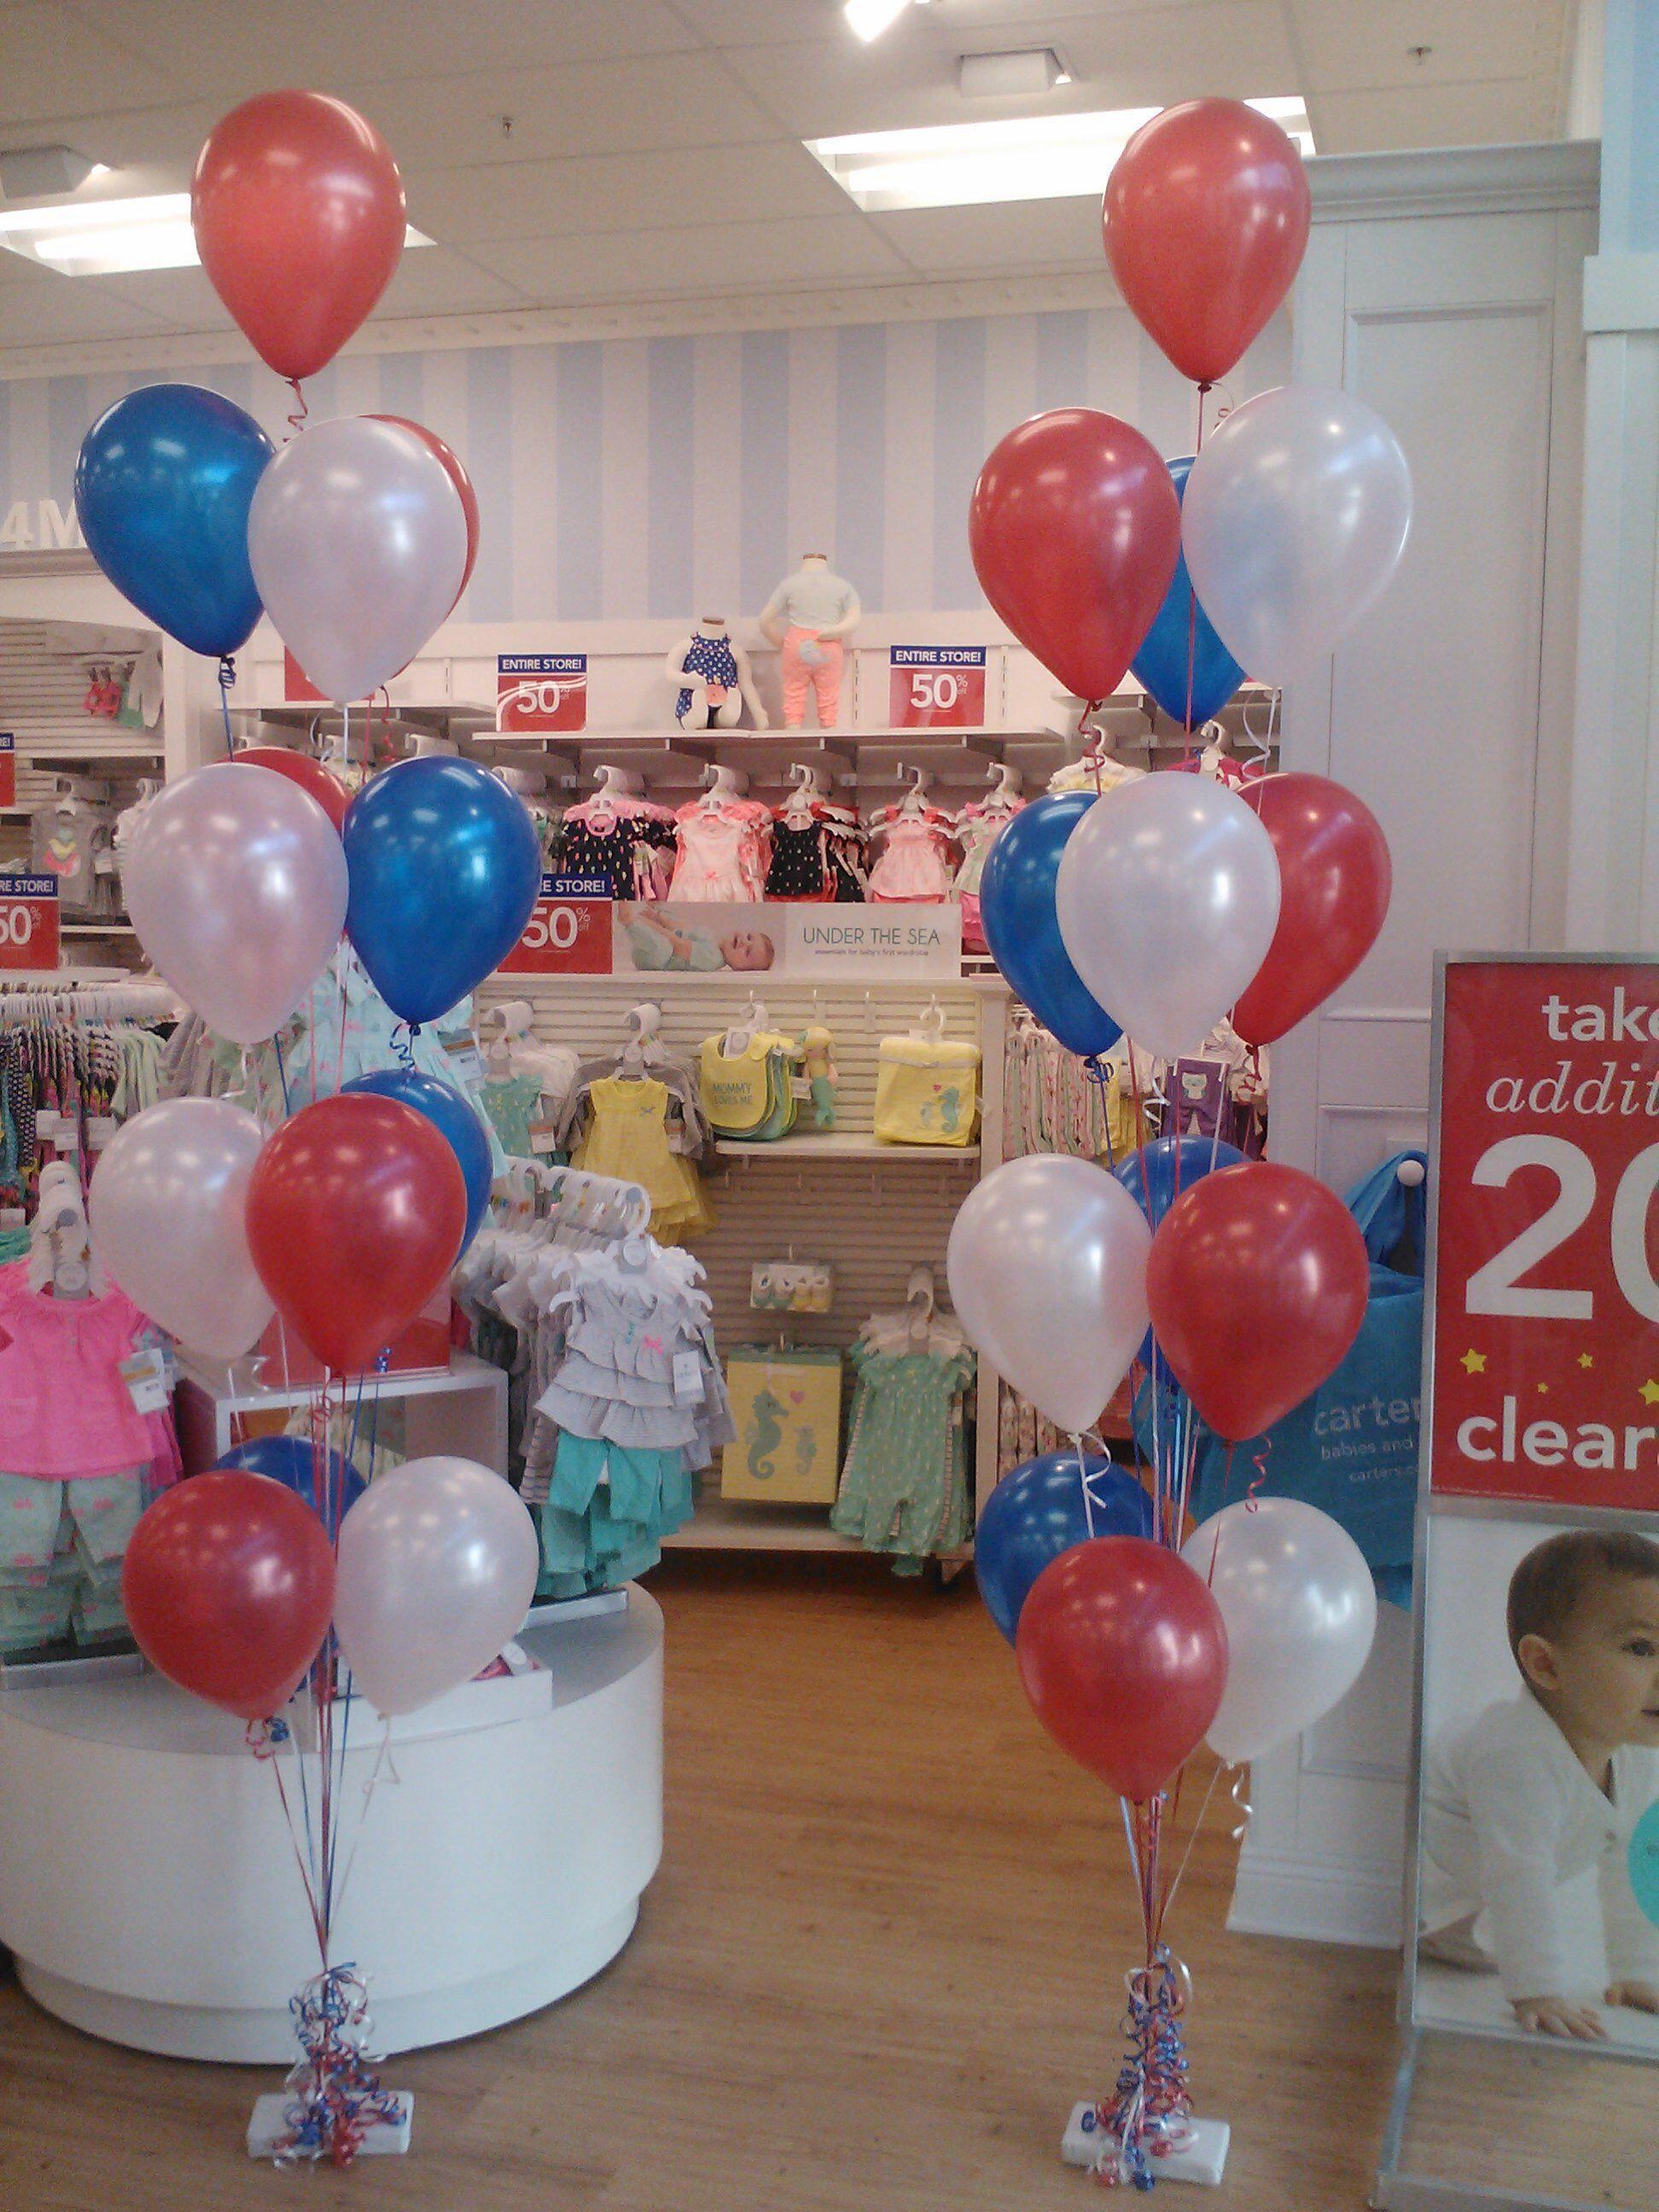 Palmbeachballoons helium balloon decorations in